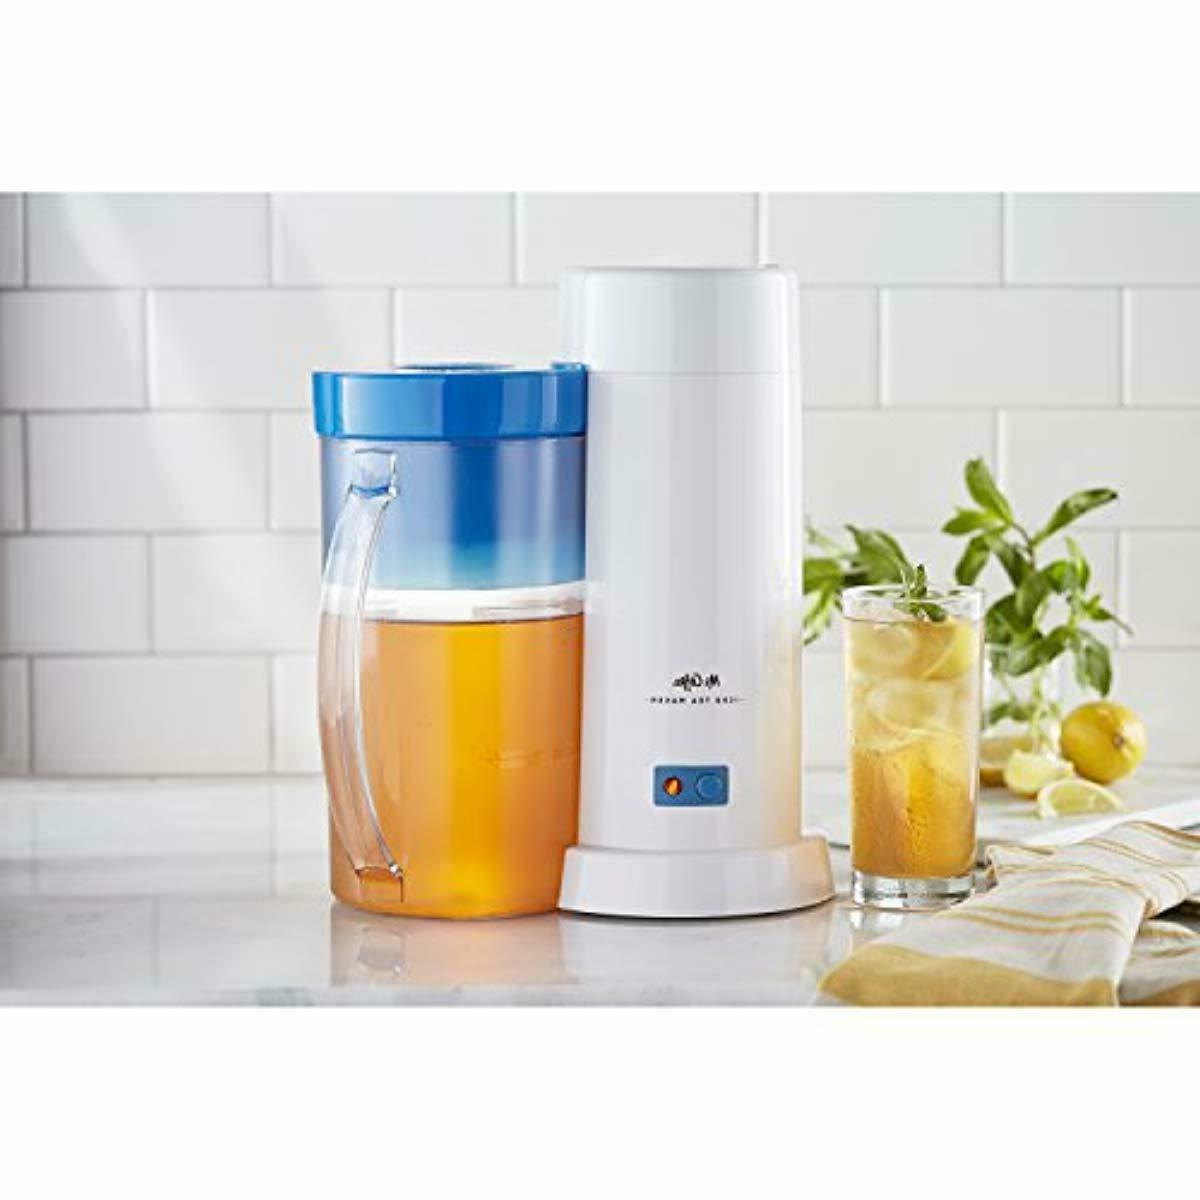 Mr. Coffee Iced Tea Blue